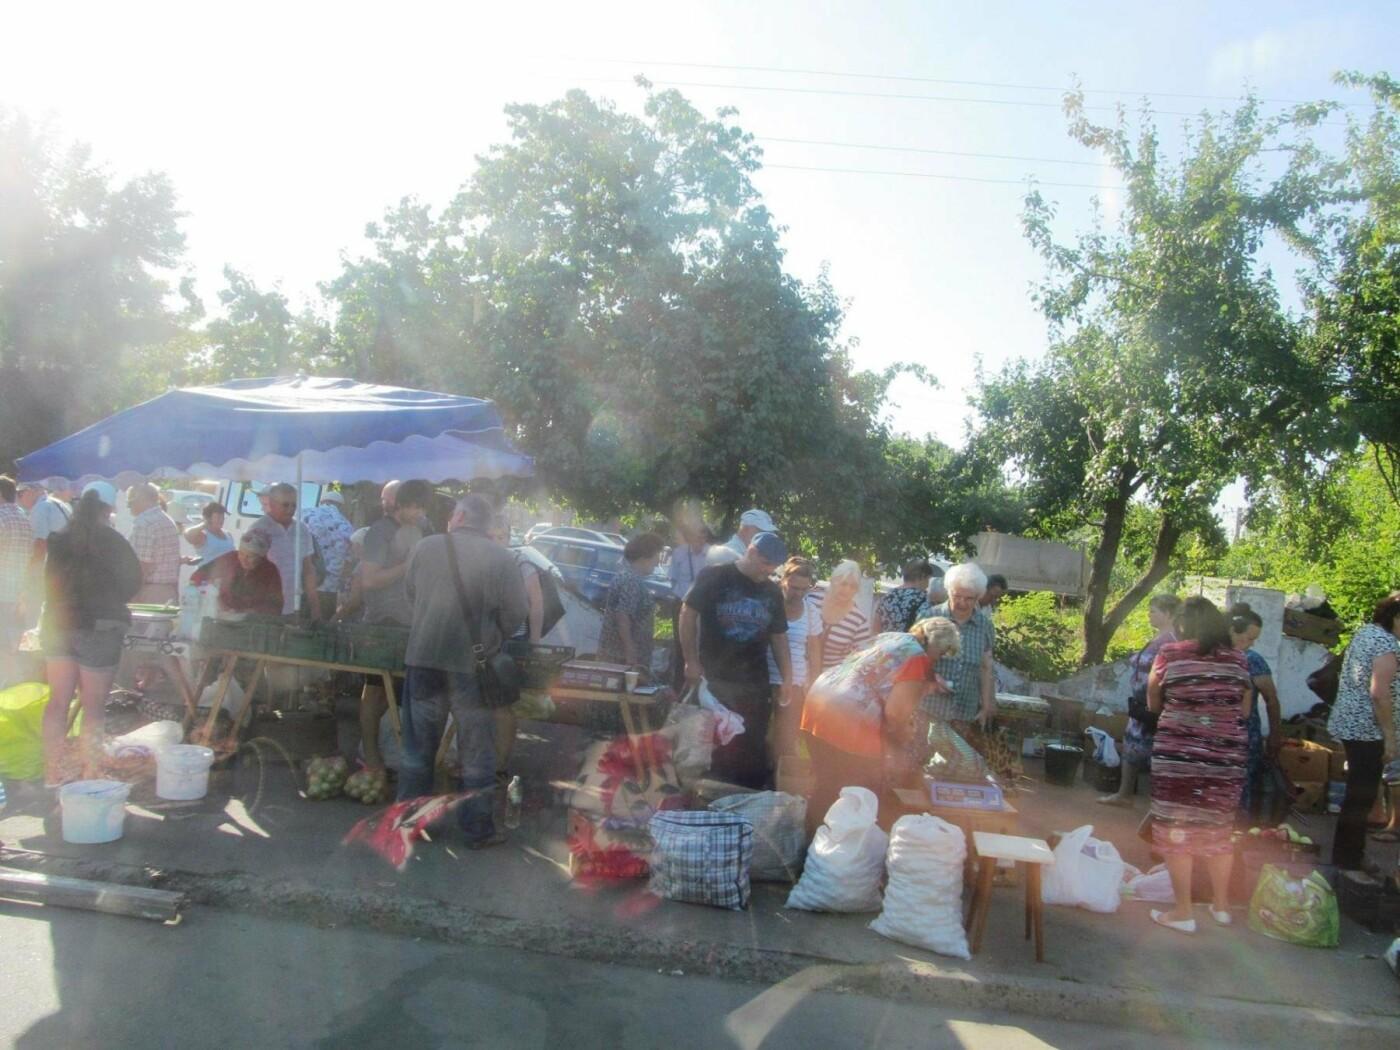 Базар-вокзал в Кривом Роге: Горожане предложили упорядочить стихийный рынок на Долгинцево, - ФОТО, фото-5